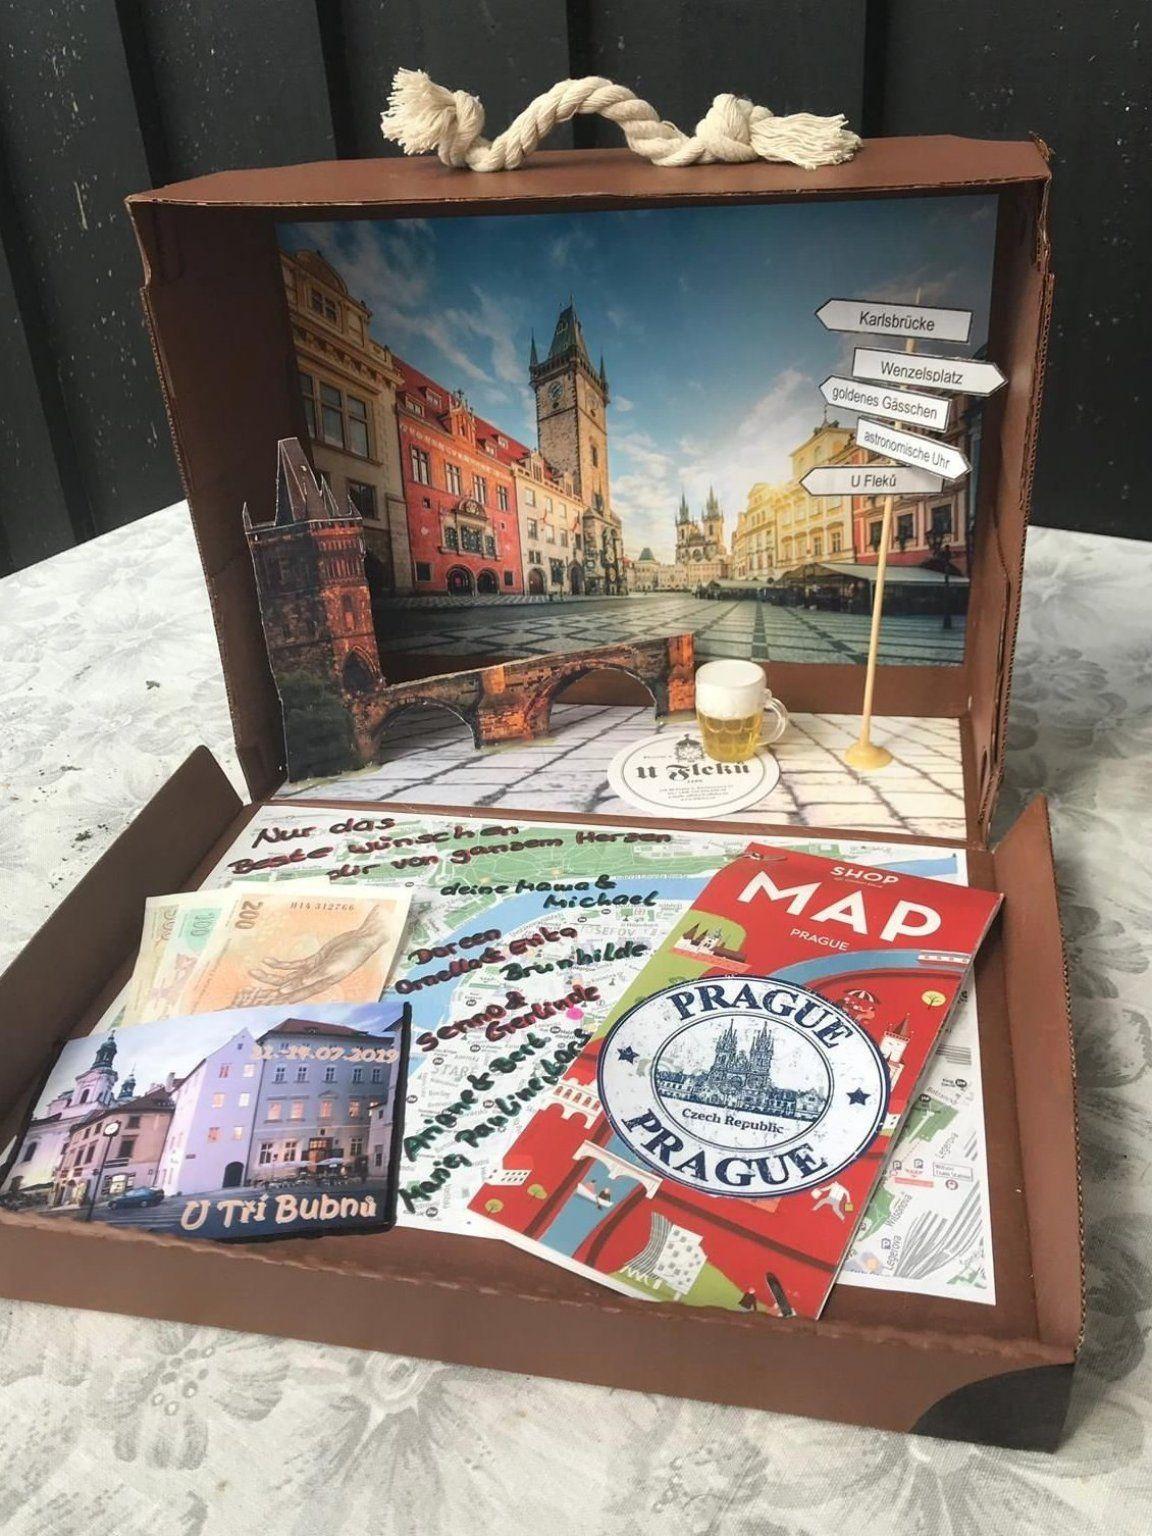 Geschenk Reise Urlaub Reisegeschenk Prag In 2020 Geschenke Verpacken Reise Geschenke Geschenke Verpacken Weihnachten